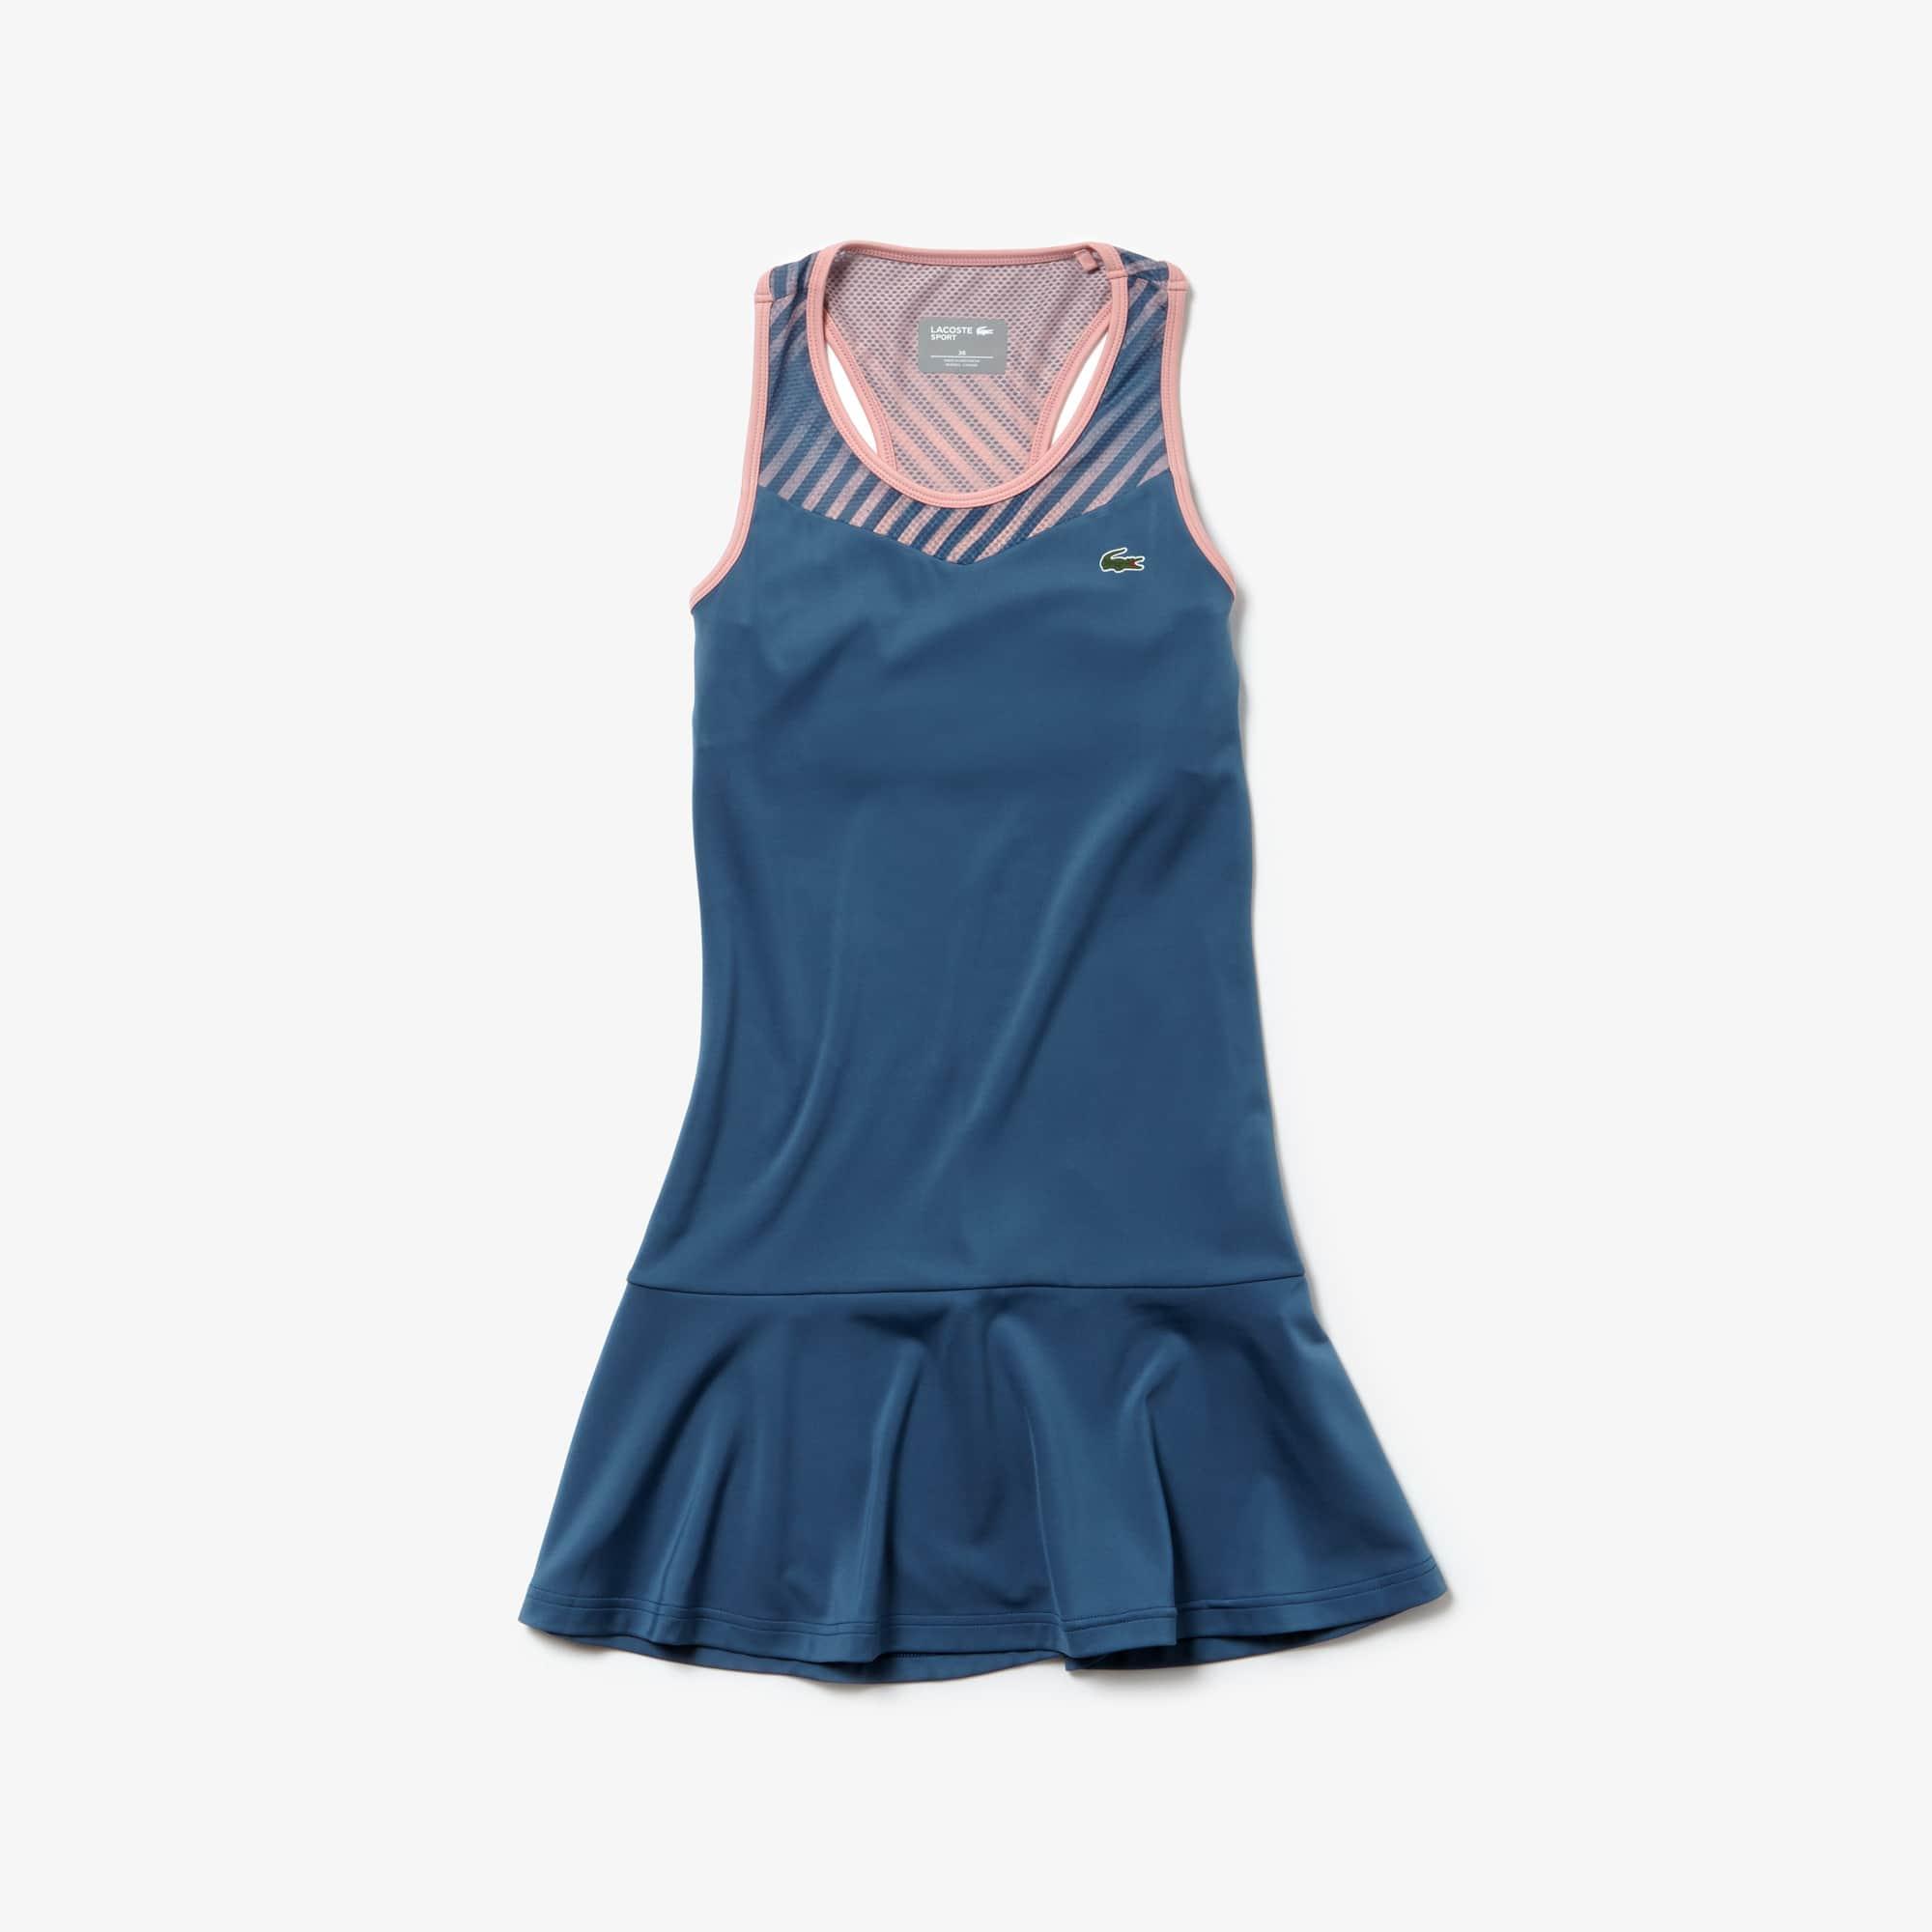 라코스테 Lacoste Womens SPORT Racerback Jersey Tennis Dress,Blue / Pink